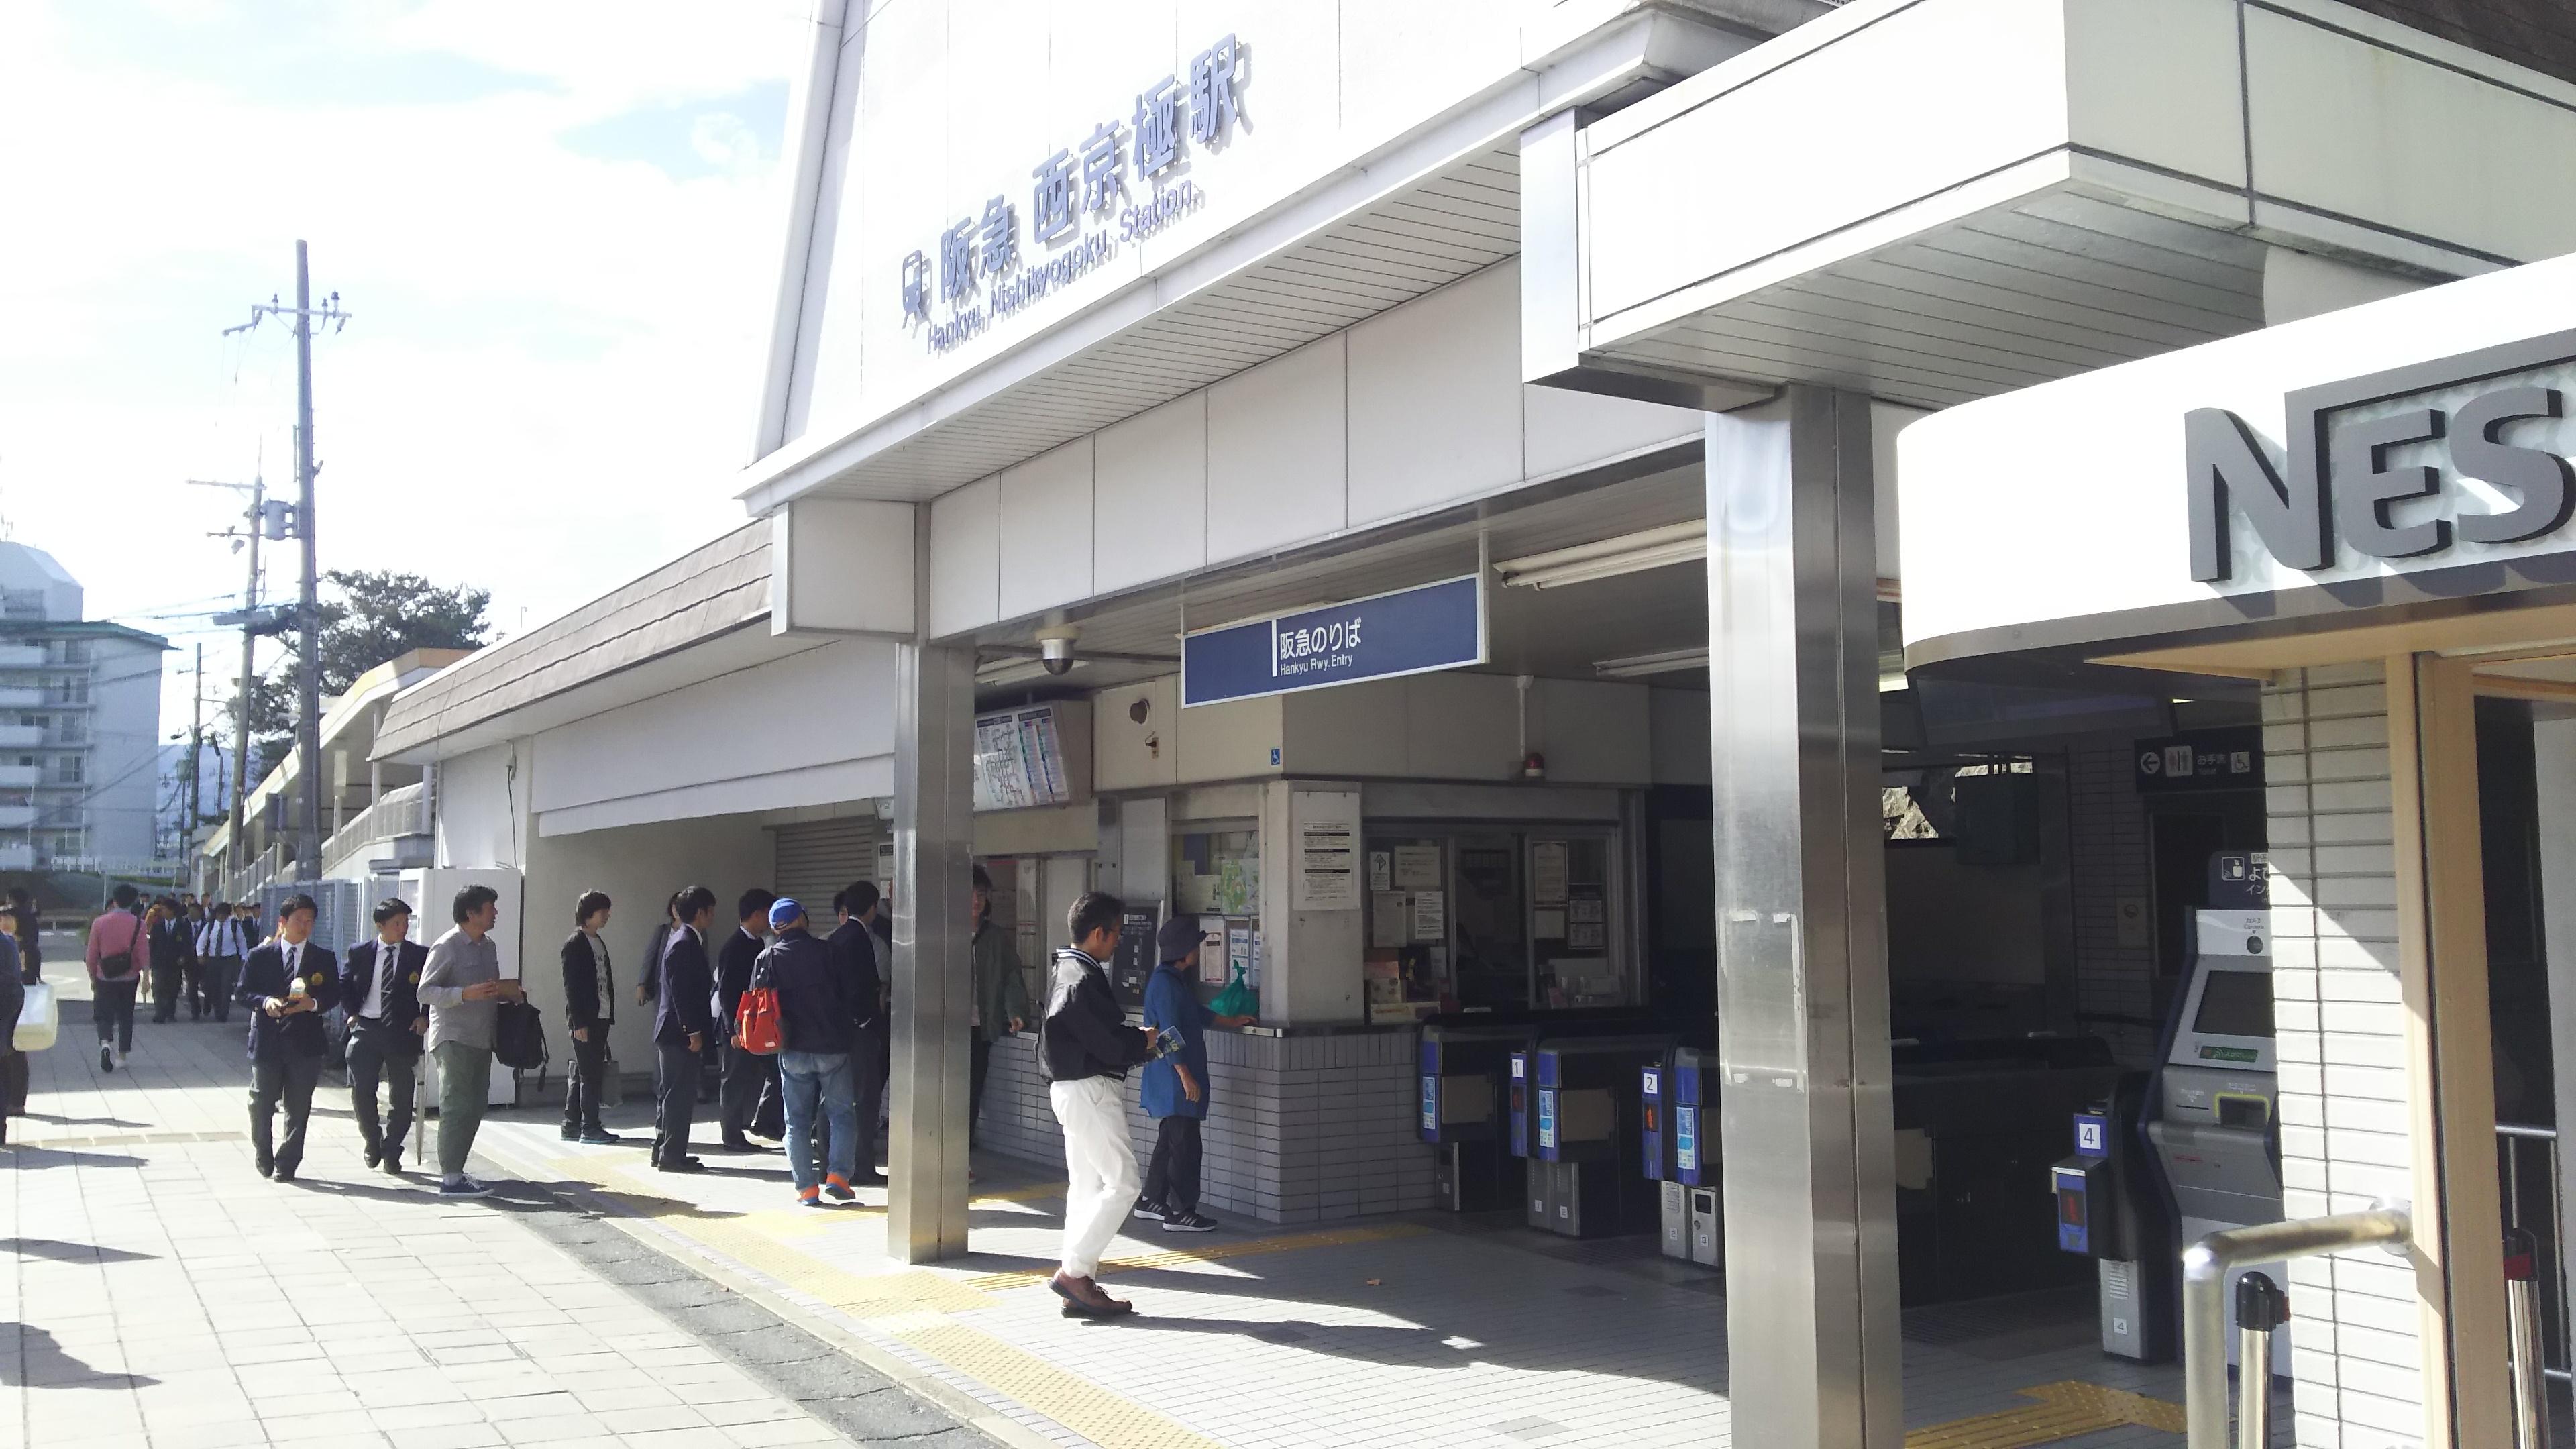 阪急線 西京極駅から徒歩3分の所にスタジアムはあります。